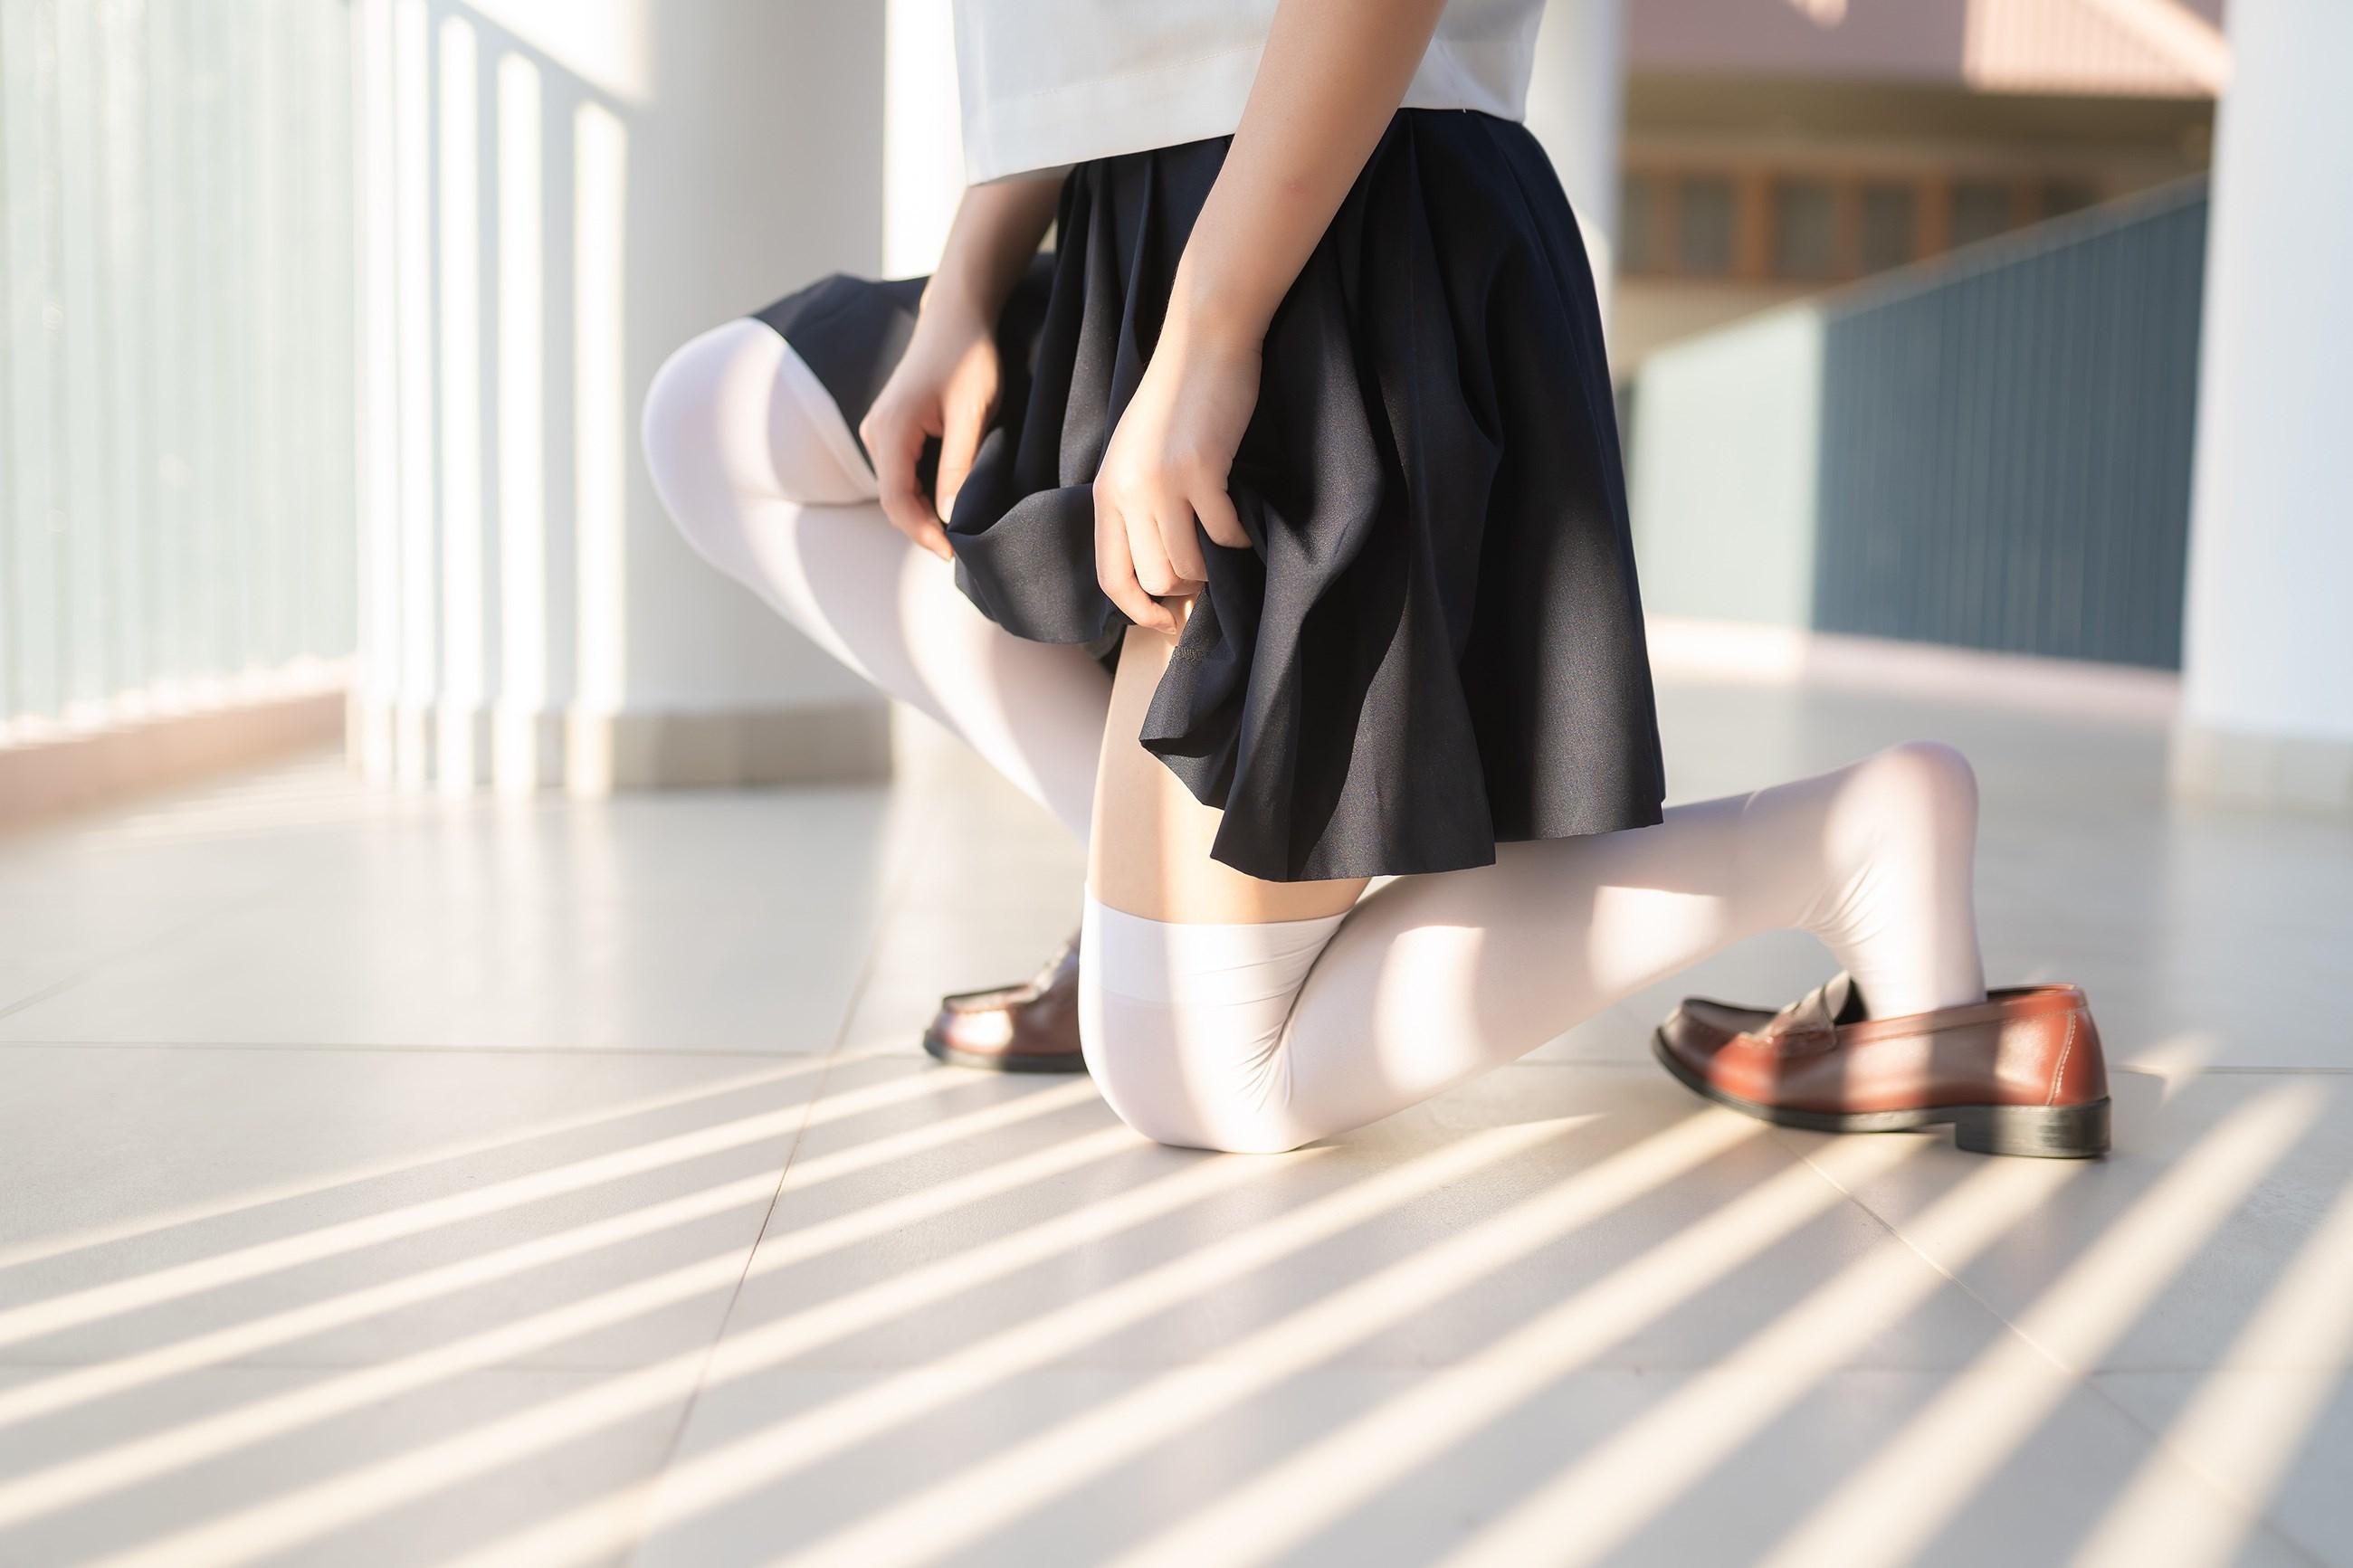 【兔玩映画】楼梯上的白丝少女 兔玩映画 第40张